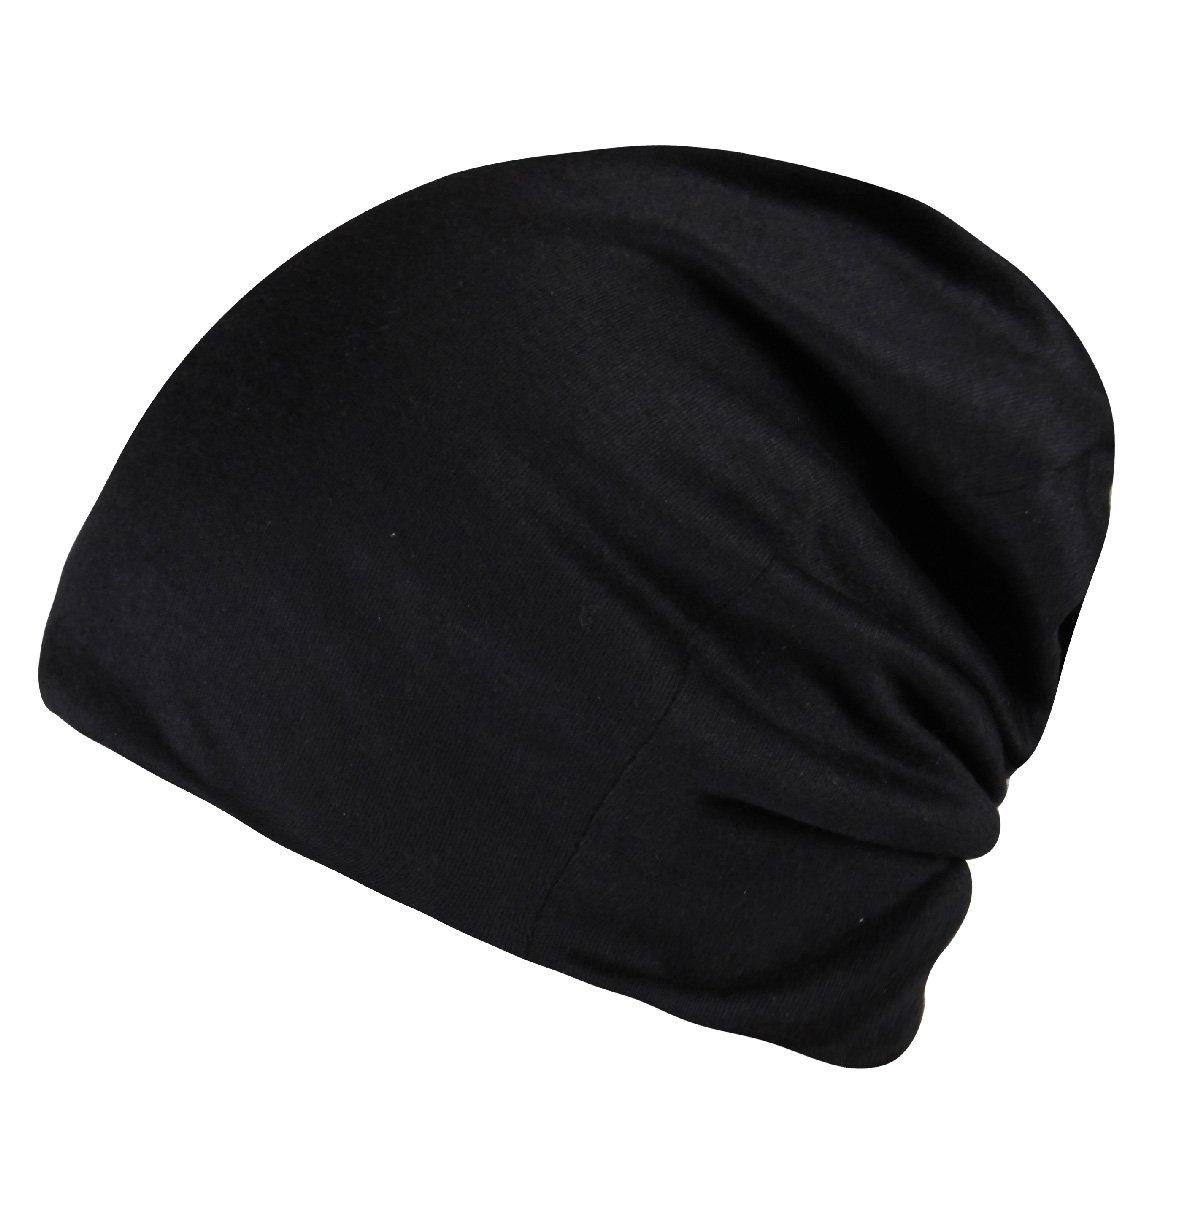 Timol Black Skull Cap Cotton Beanie for Men Women Summer Hats